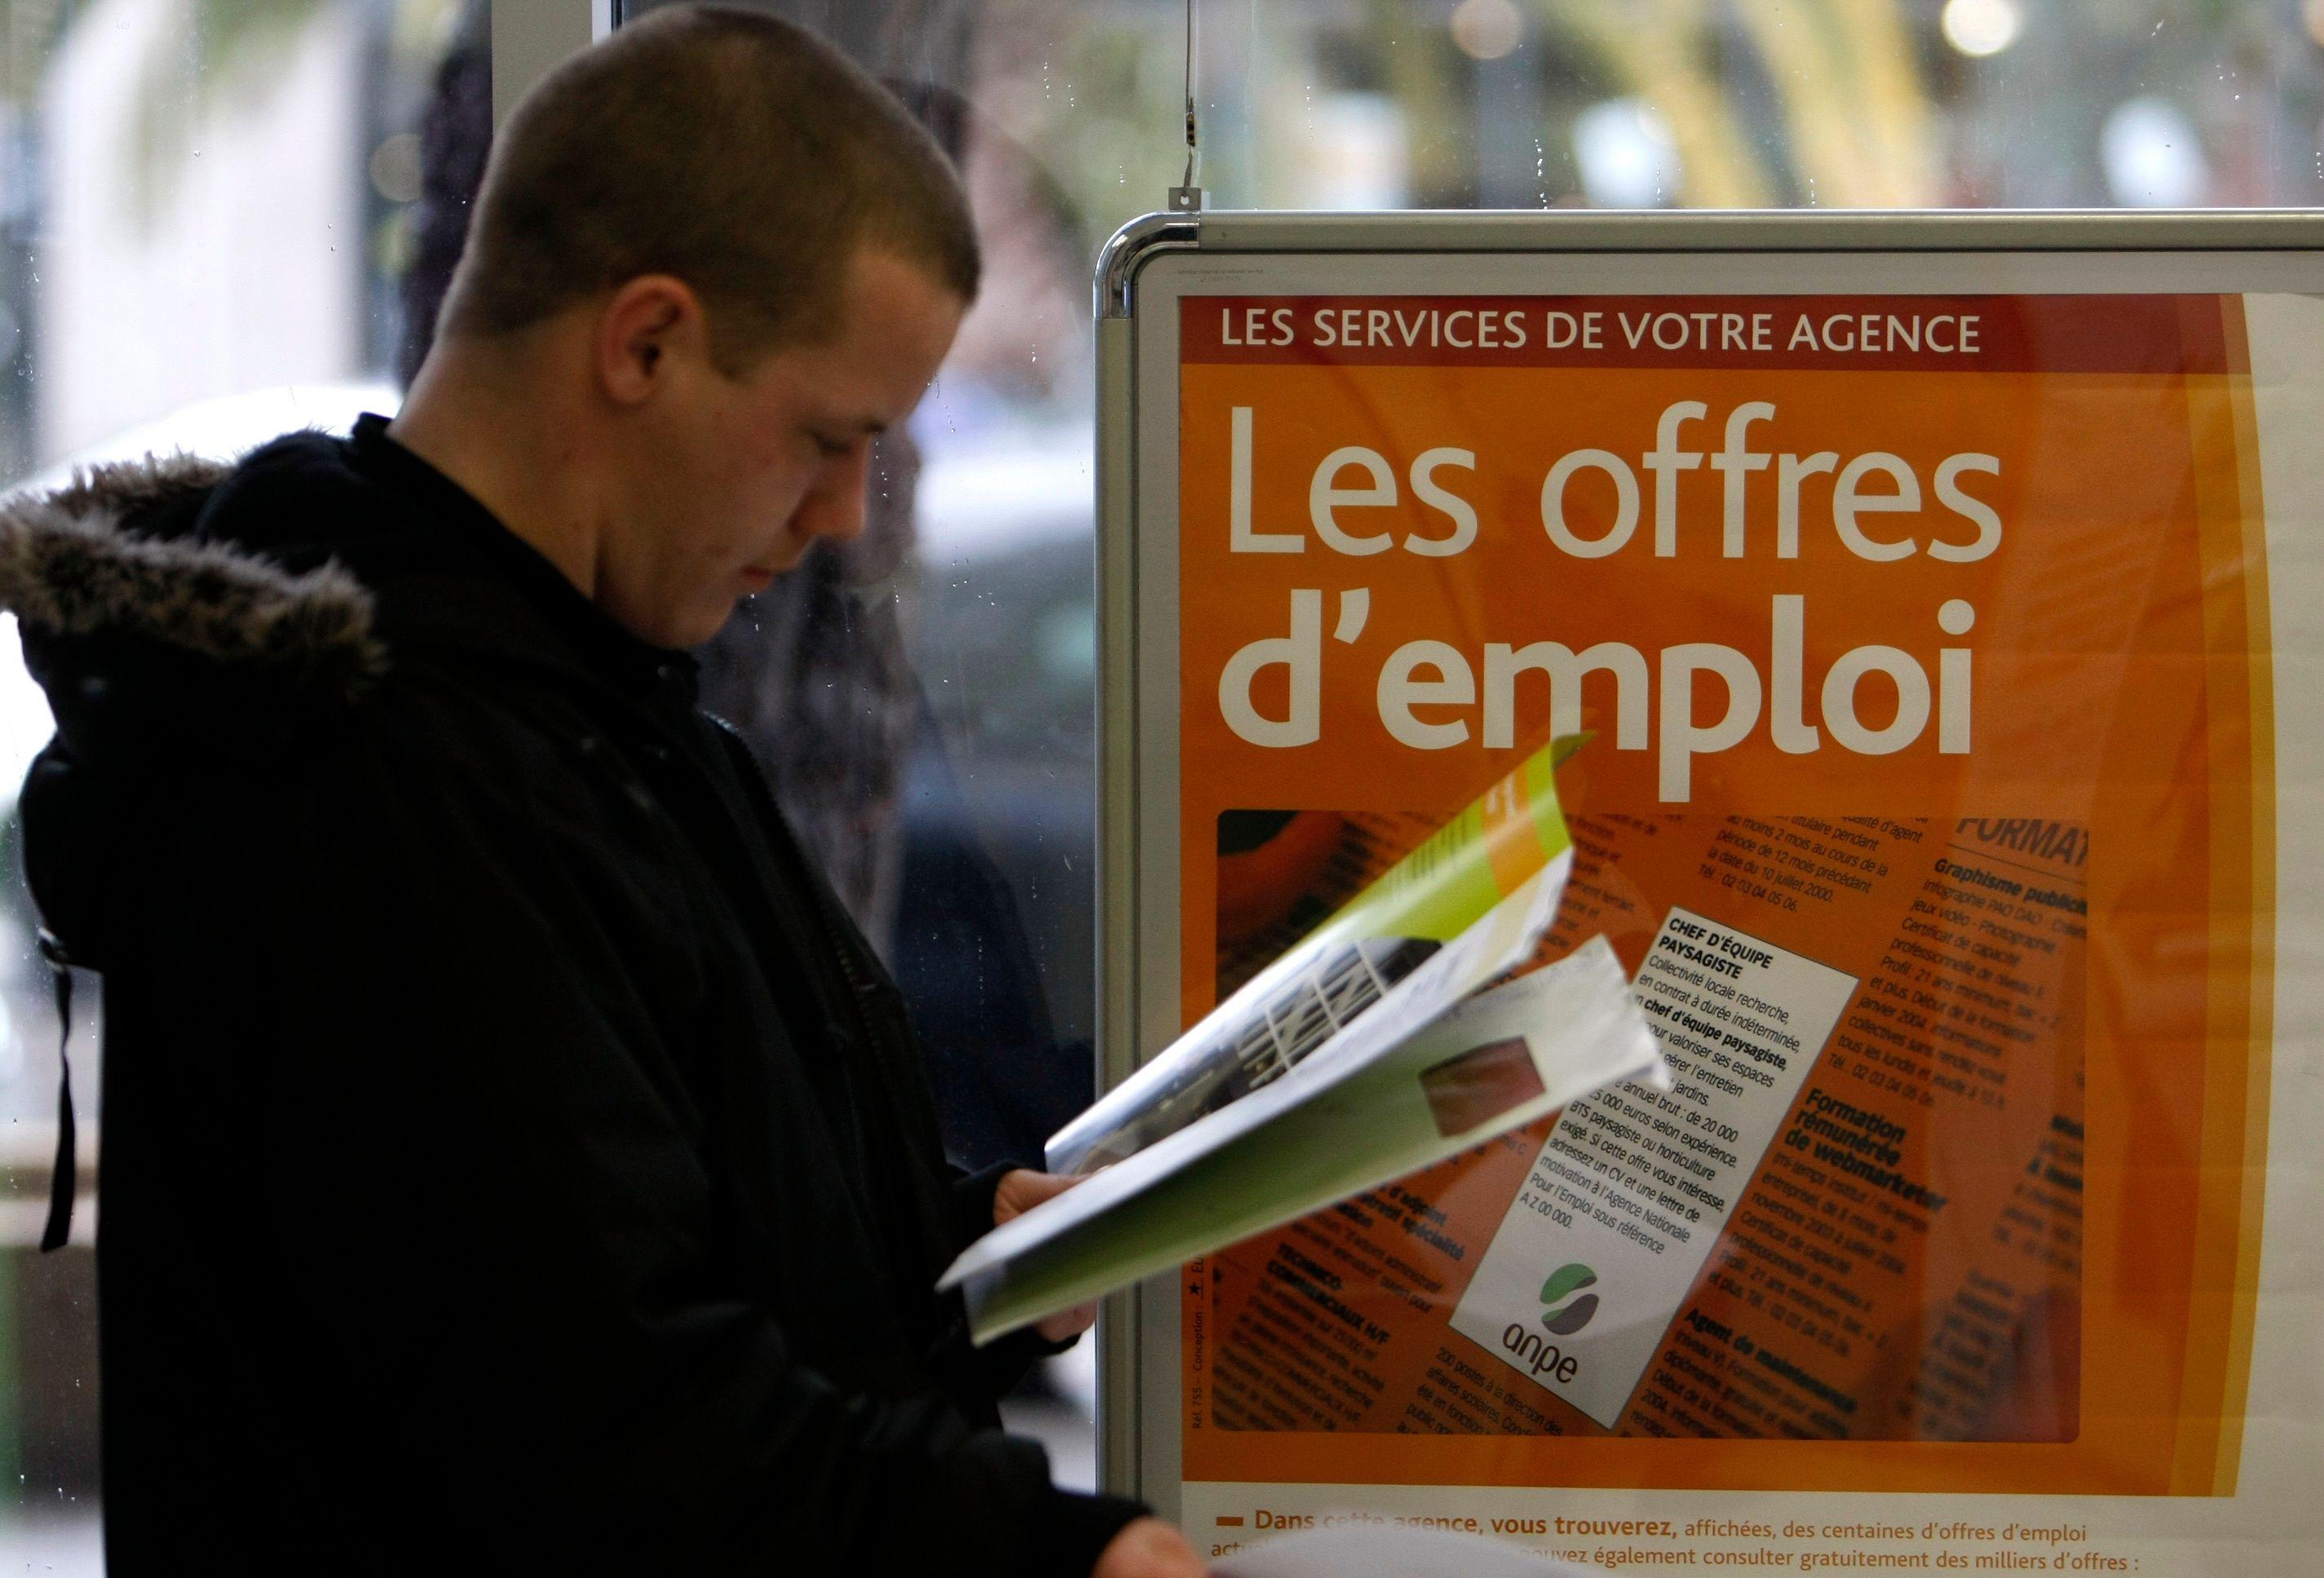 10 propositions du Medef pour 1 million d'emplois : gage politique ou engagement économique crédible ?